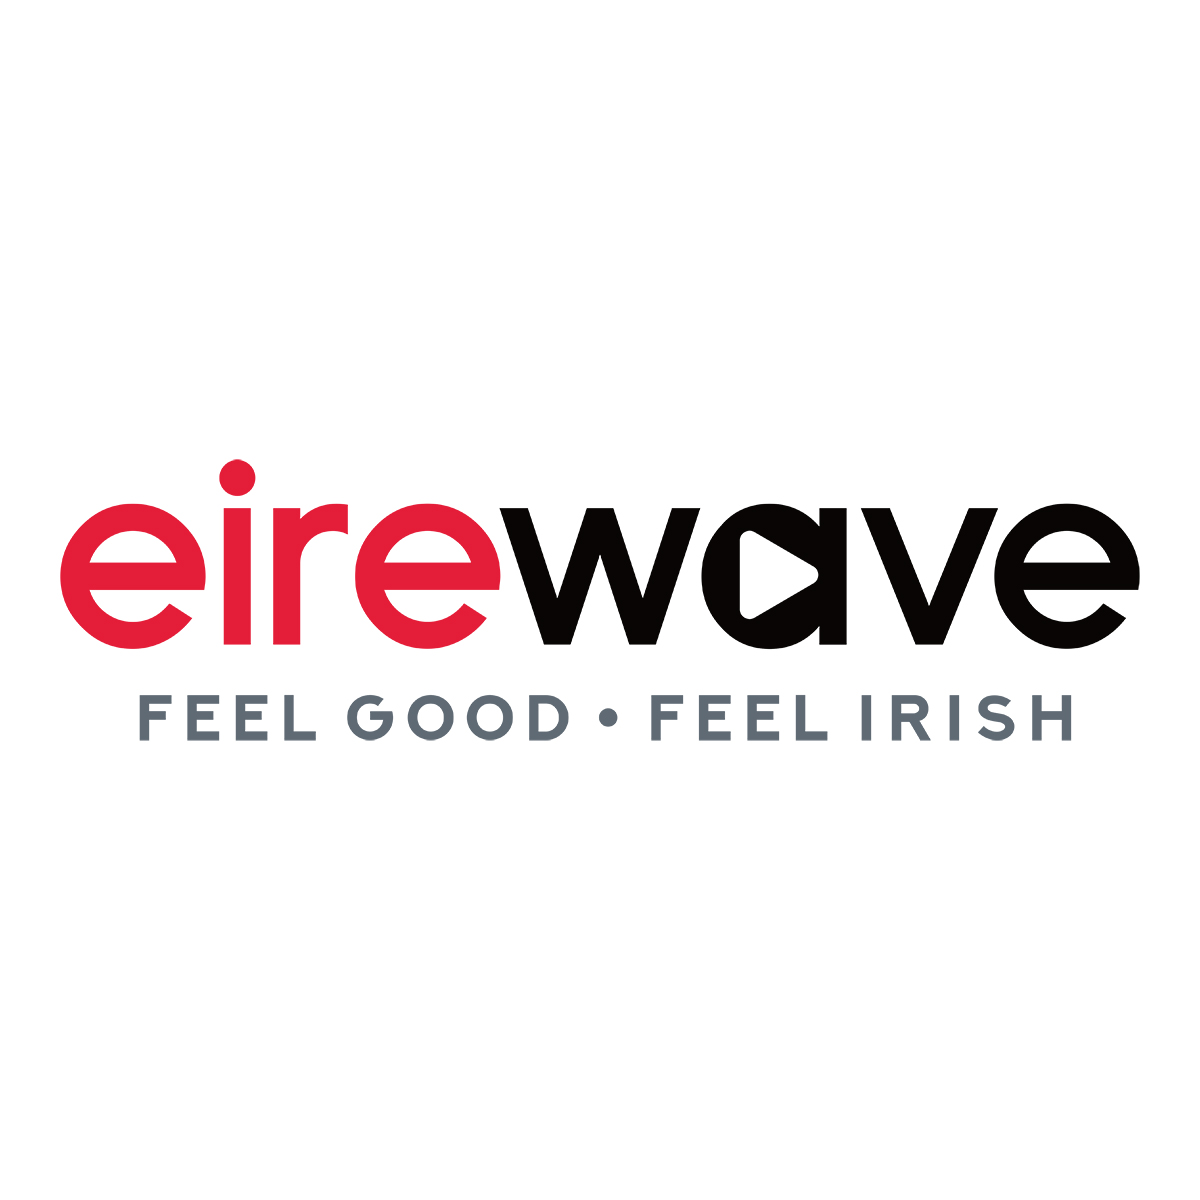 Eirewave